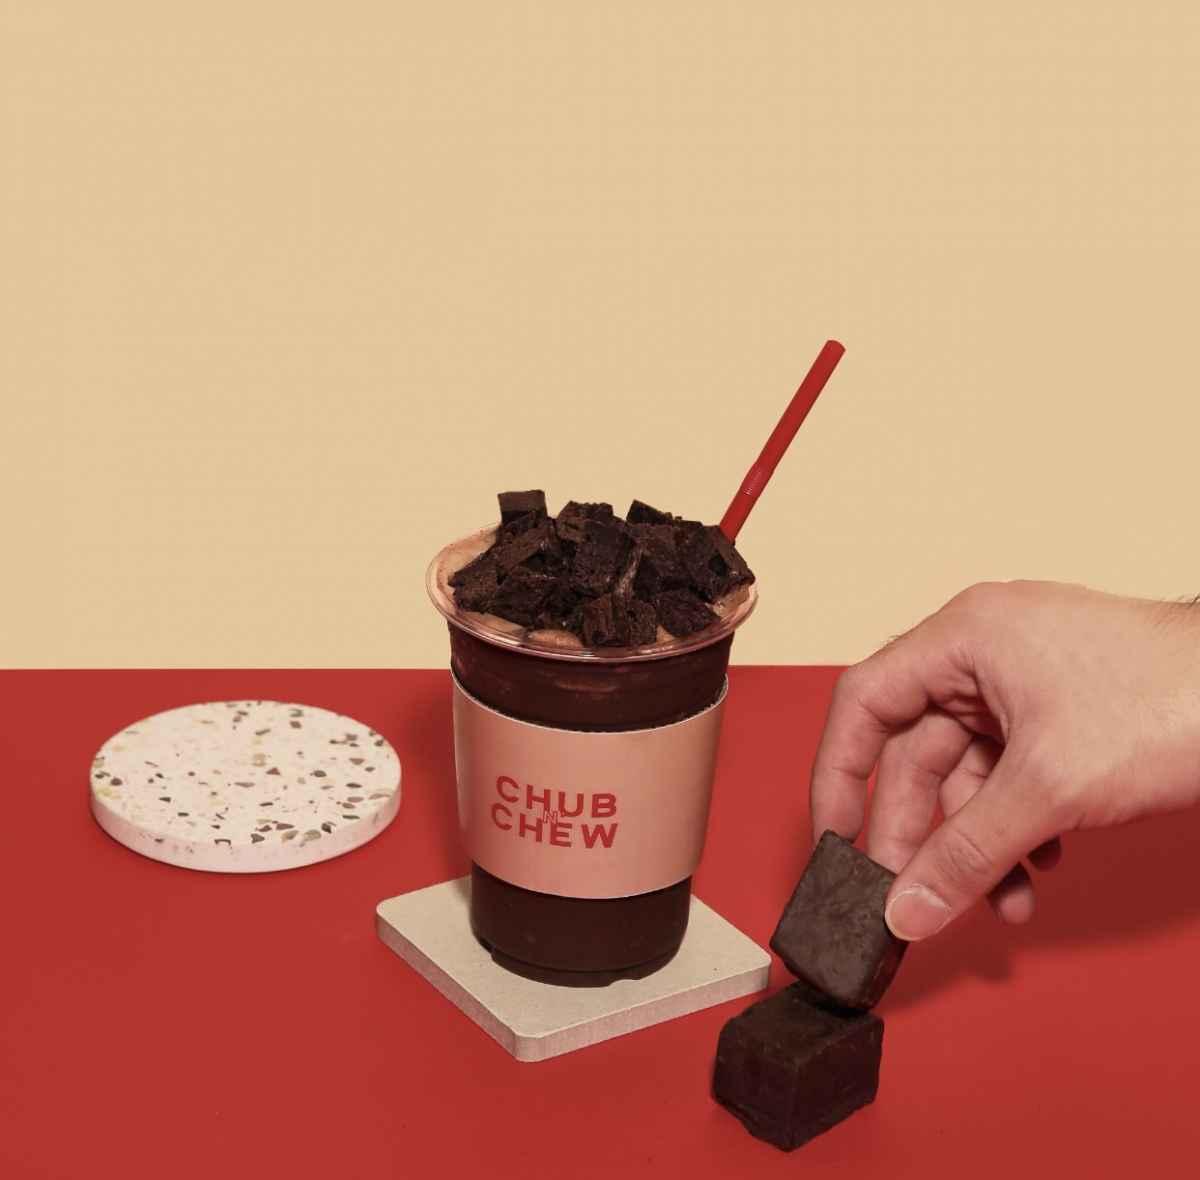 CHUB N' CHEW Chocolate